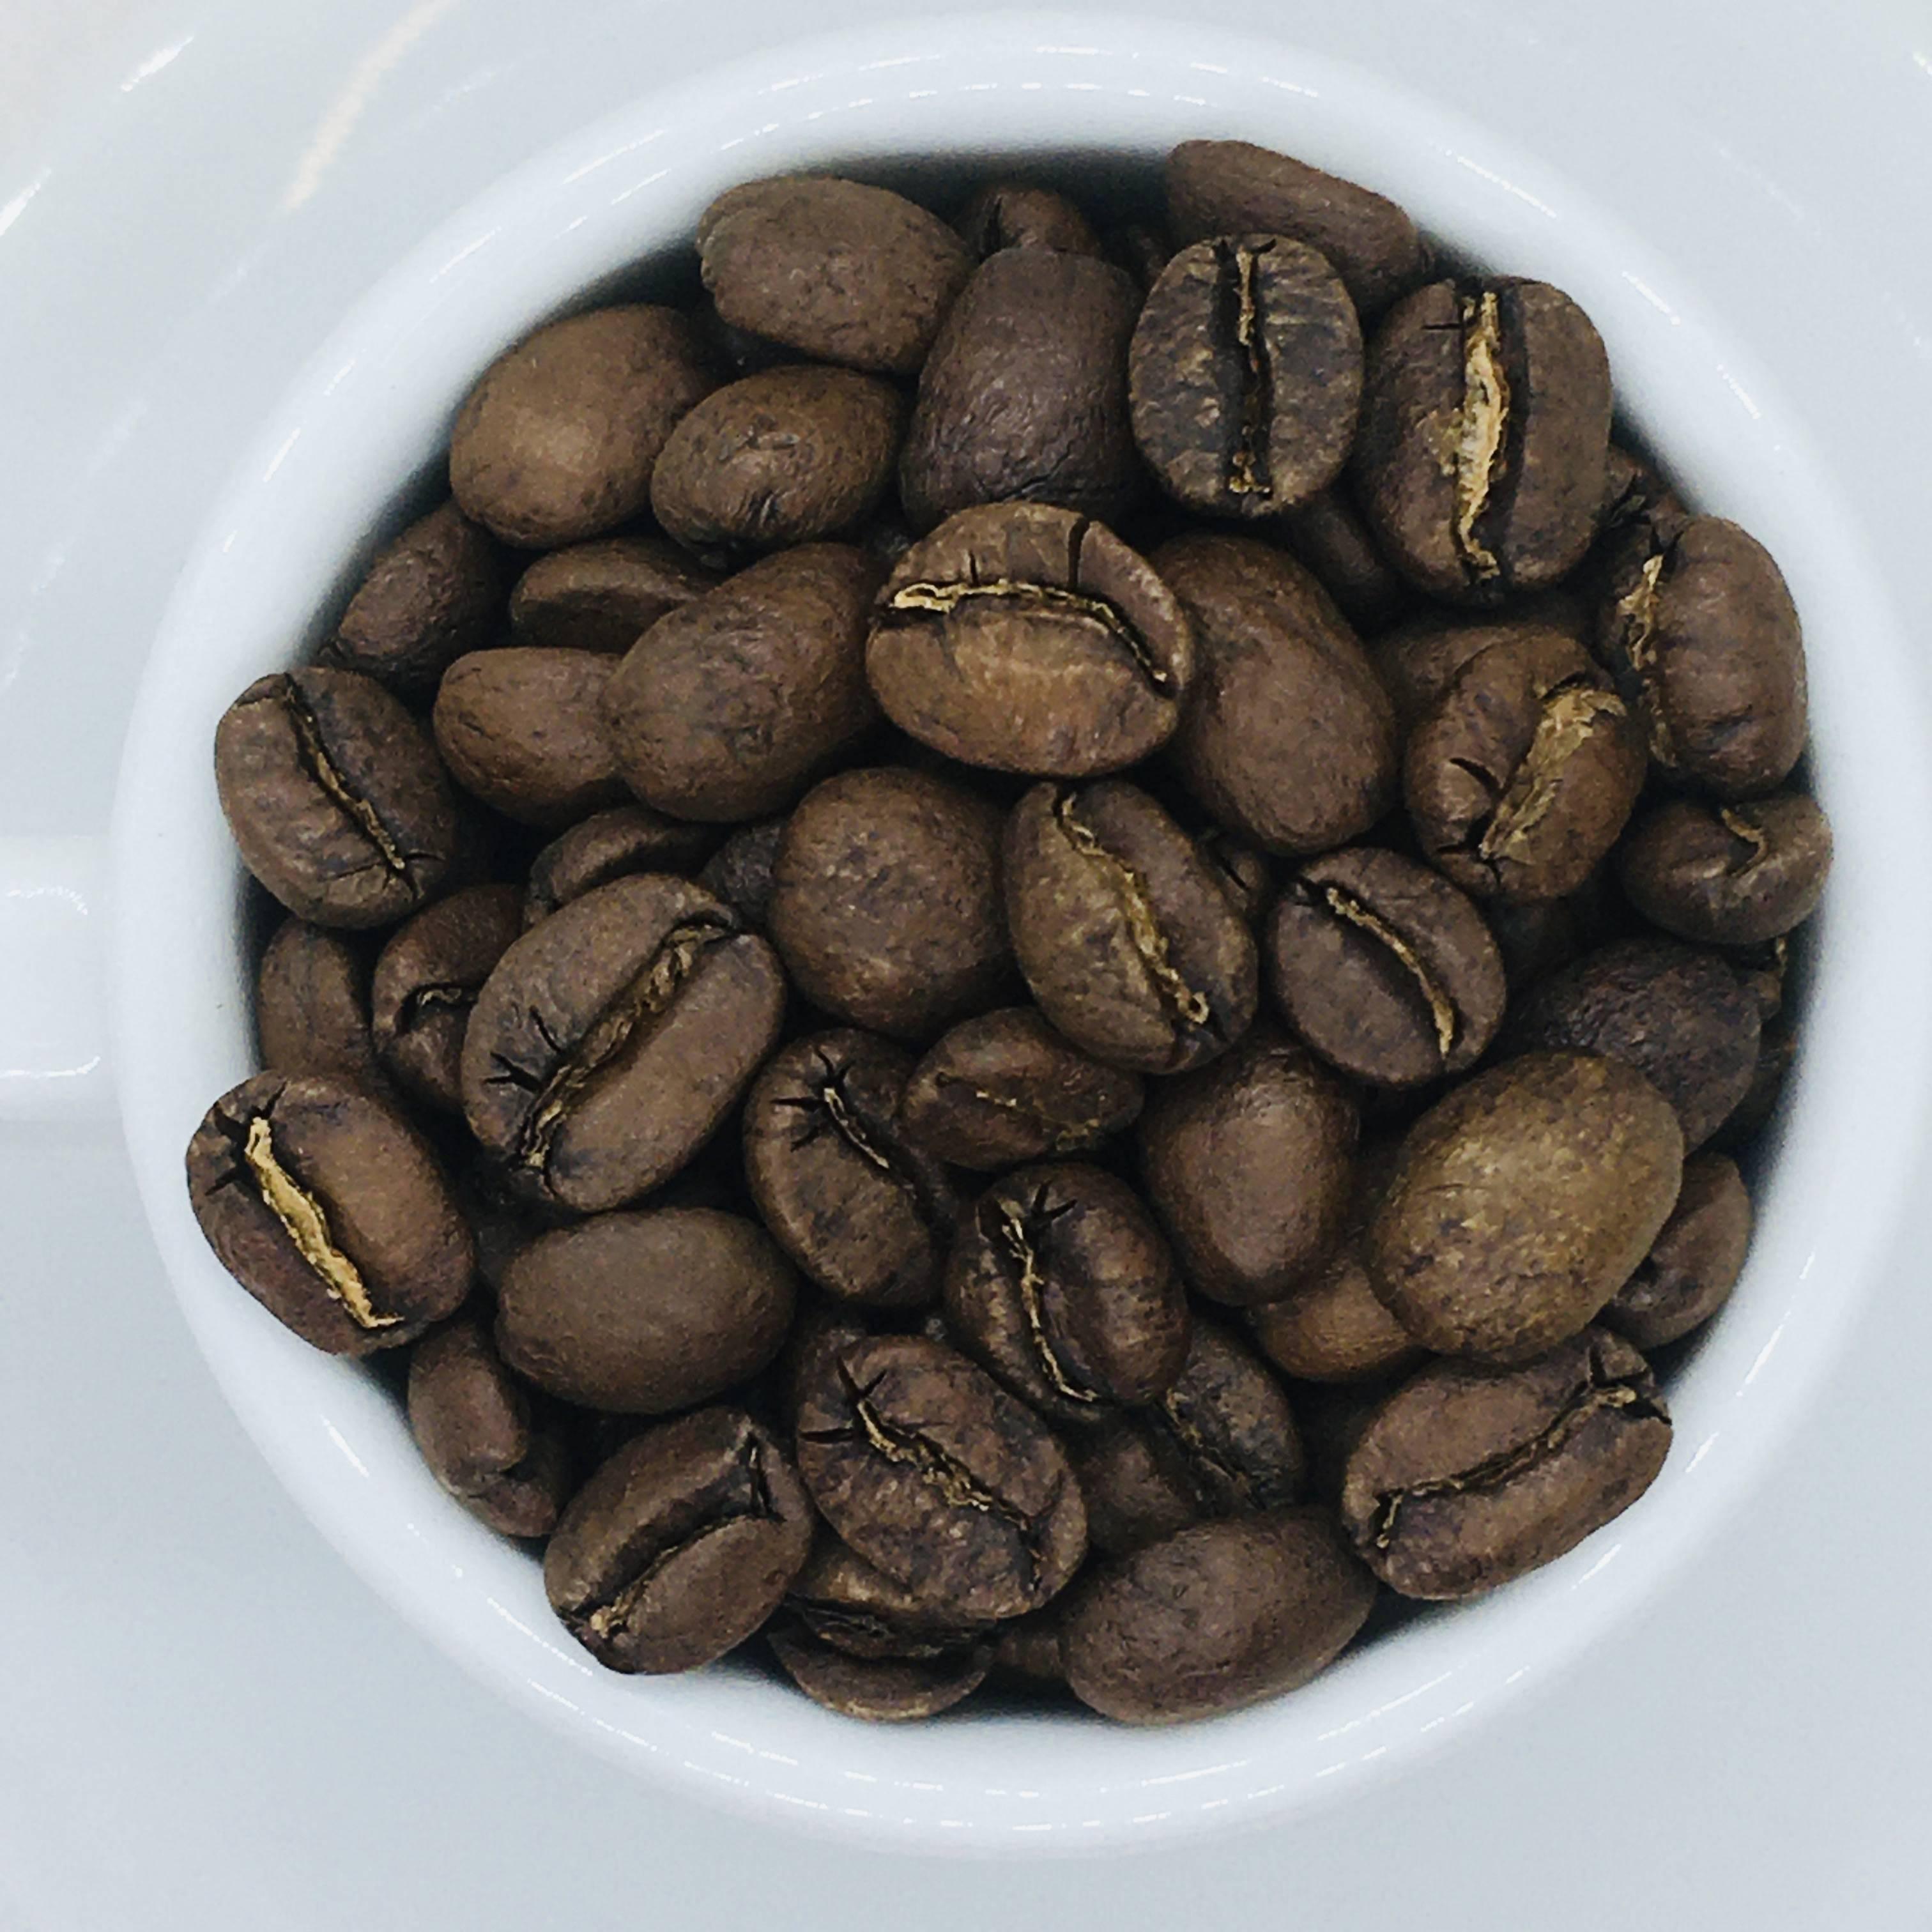 Натуральный кофе в зернах премиум класса из коста-рики